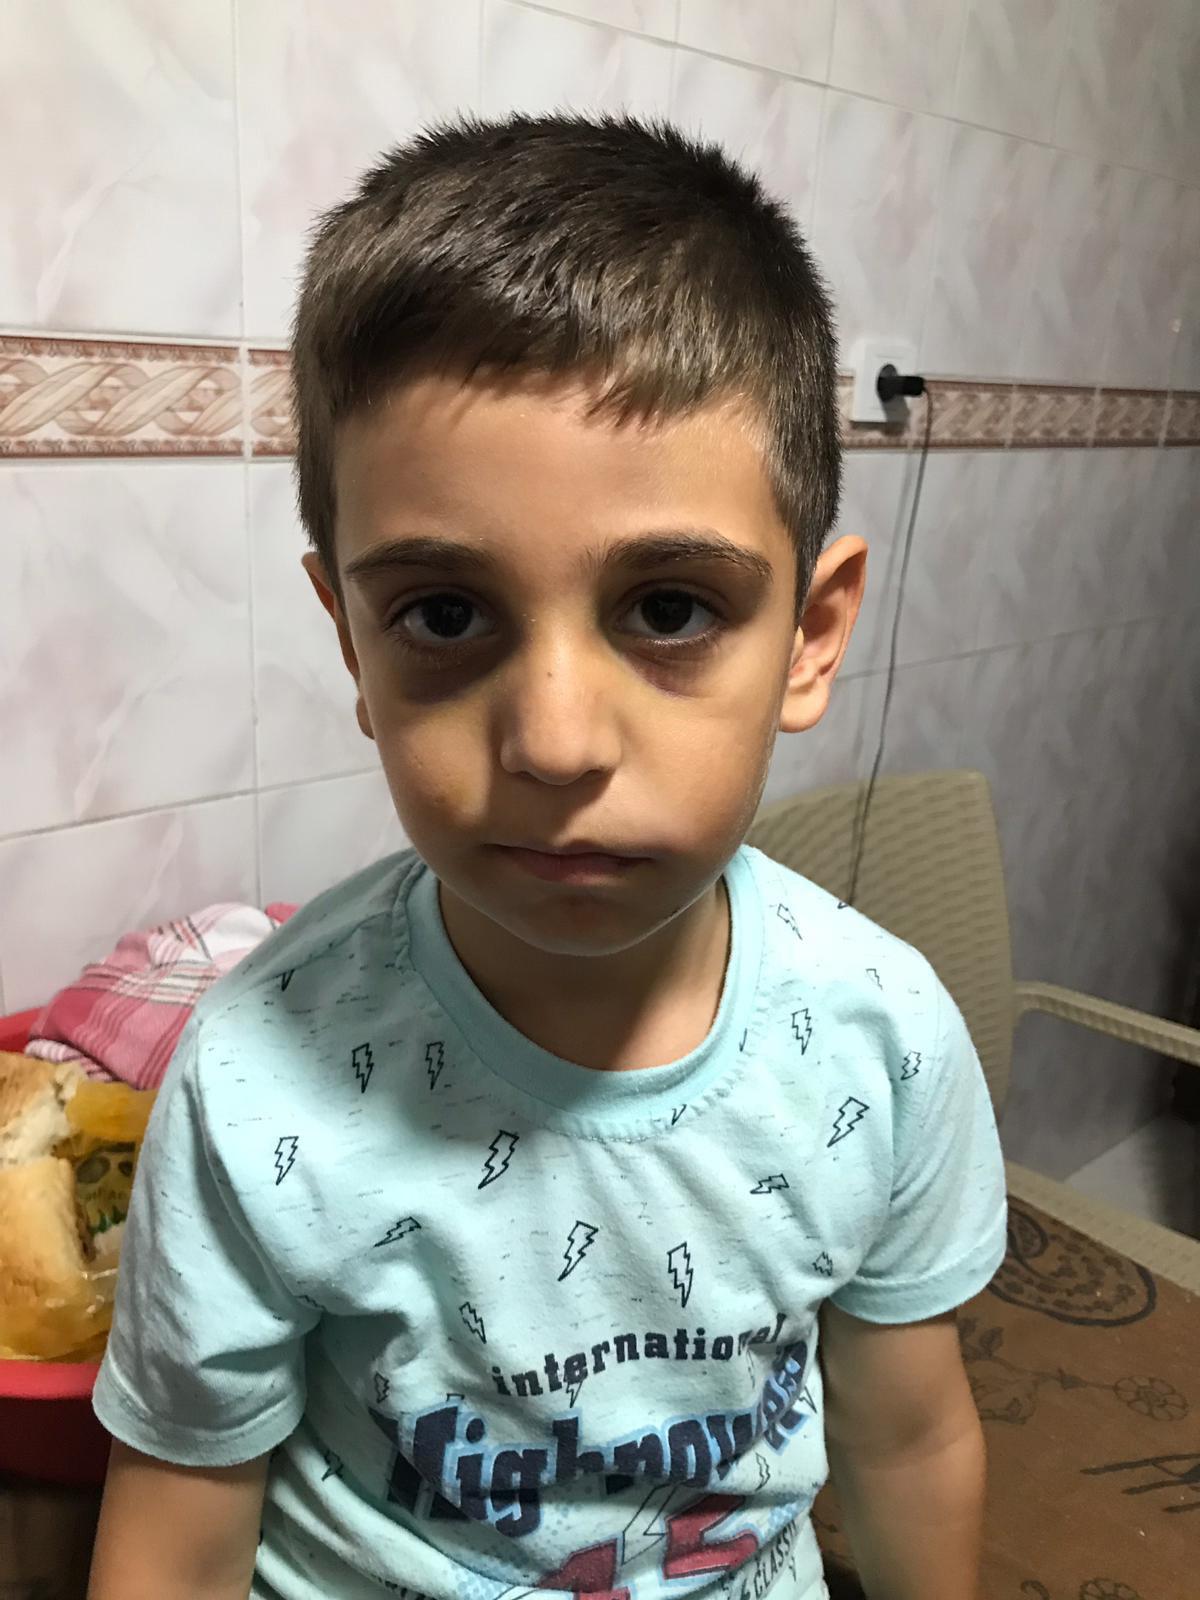 Ölümüyle Türkiye'yi yasa boğan Mertcan'ın annesi: Gözünün içine bakmak istiyorum